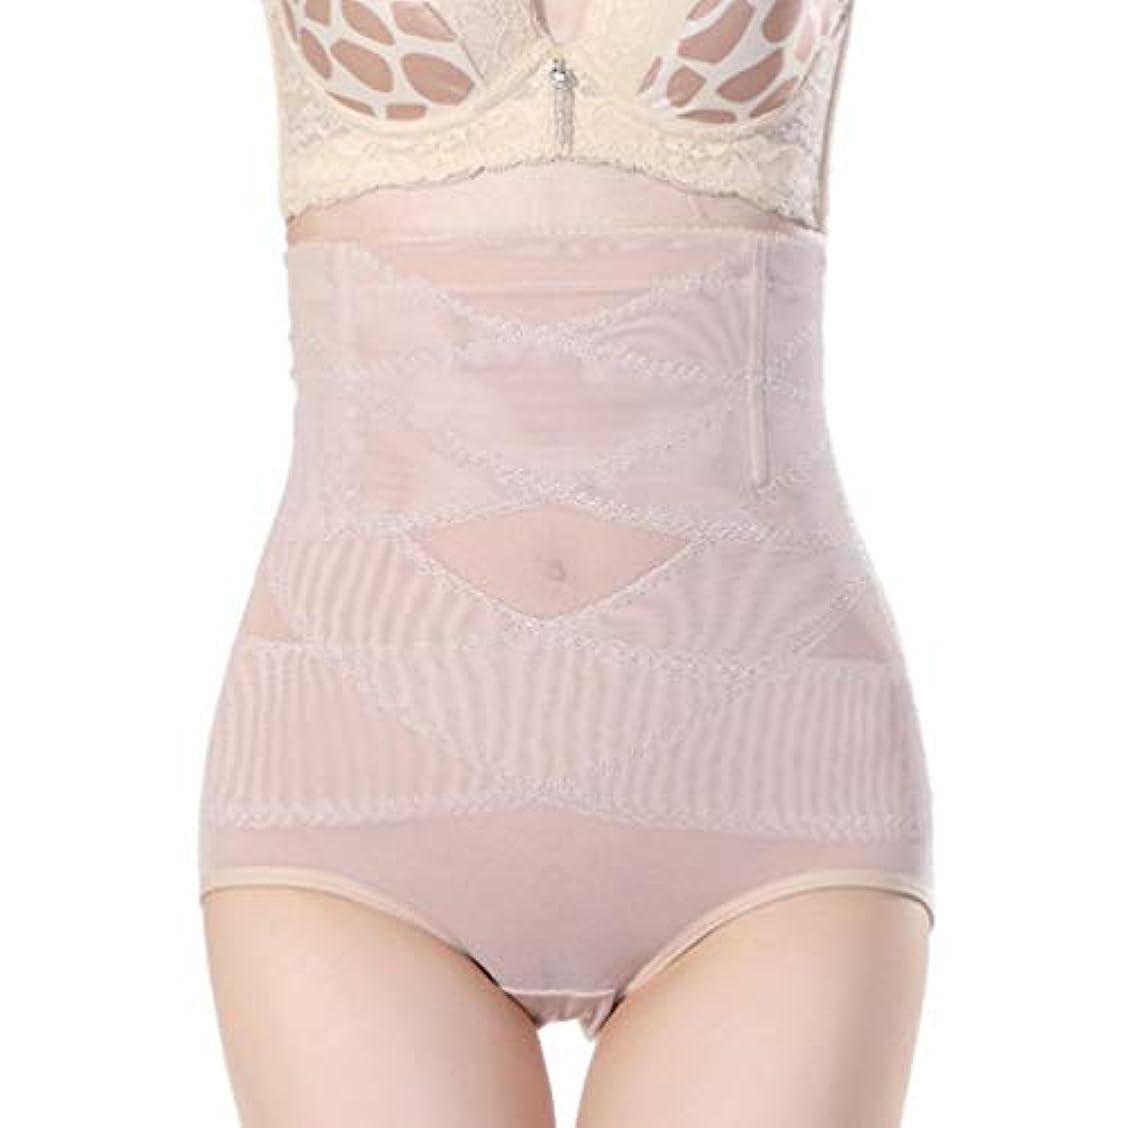 建築家許さないゆでる腹部制御下着シームレスおなかコントロールパンティーバットリフターボディシェイパーを痩身通気性のハイウエストの女性 - 肌色3 XL